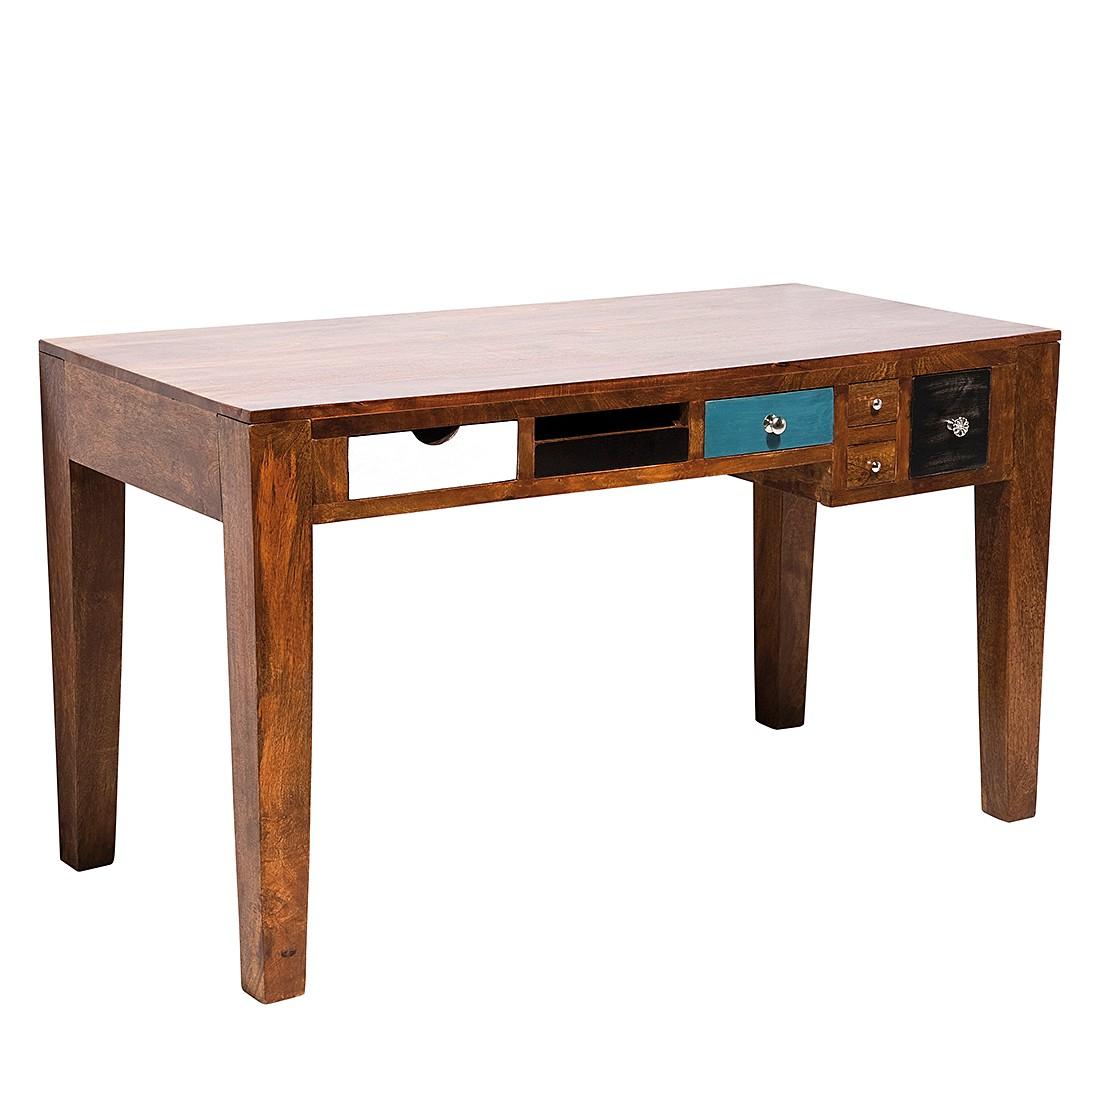 Schreibtisch Babalou - Braun/Bunt, Kare Design